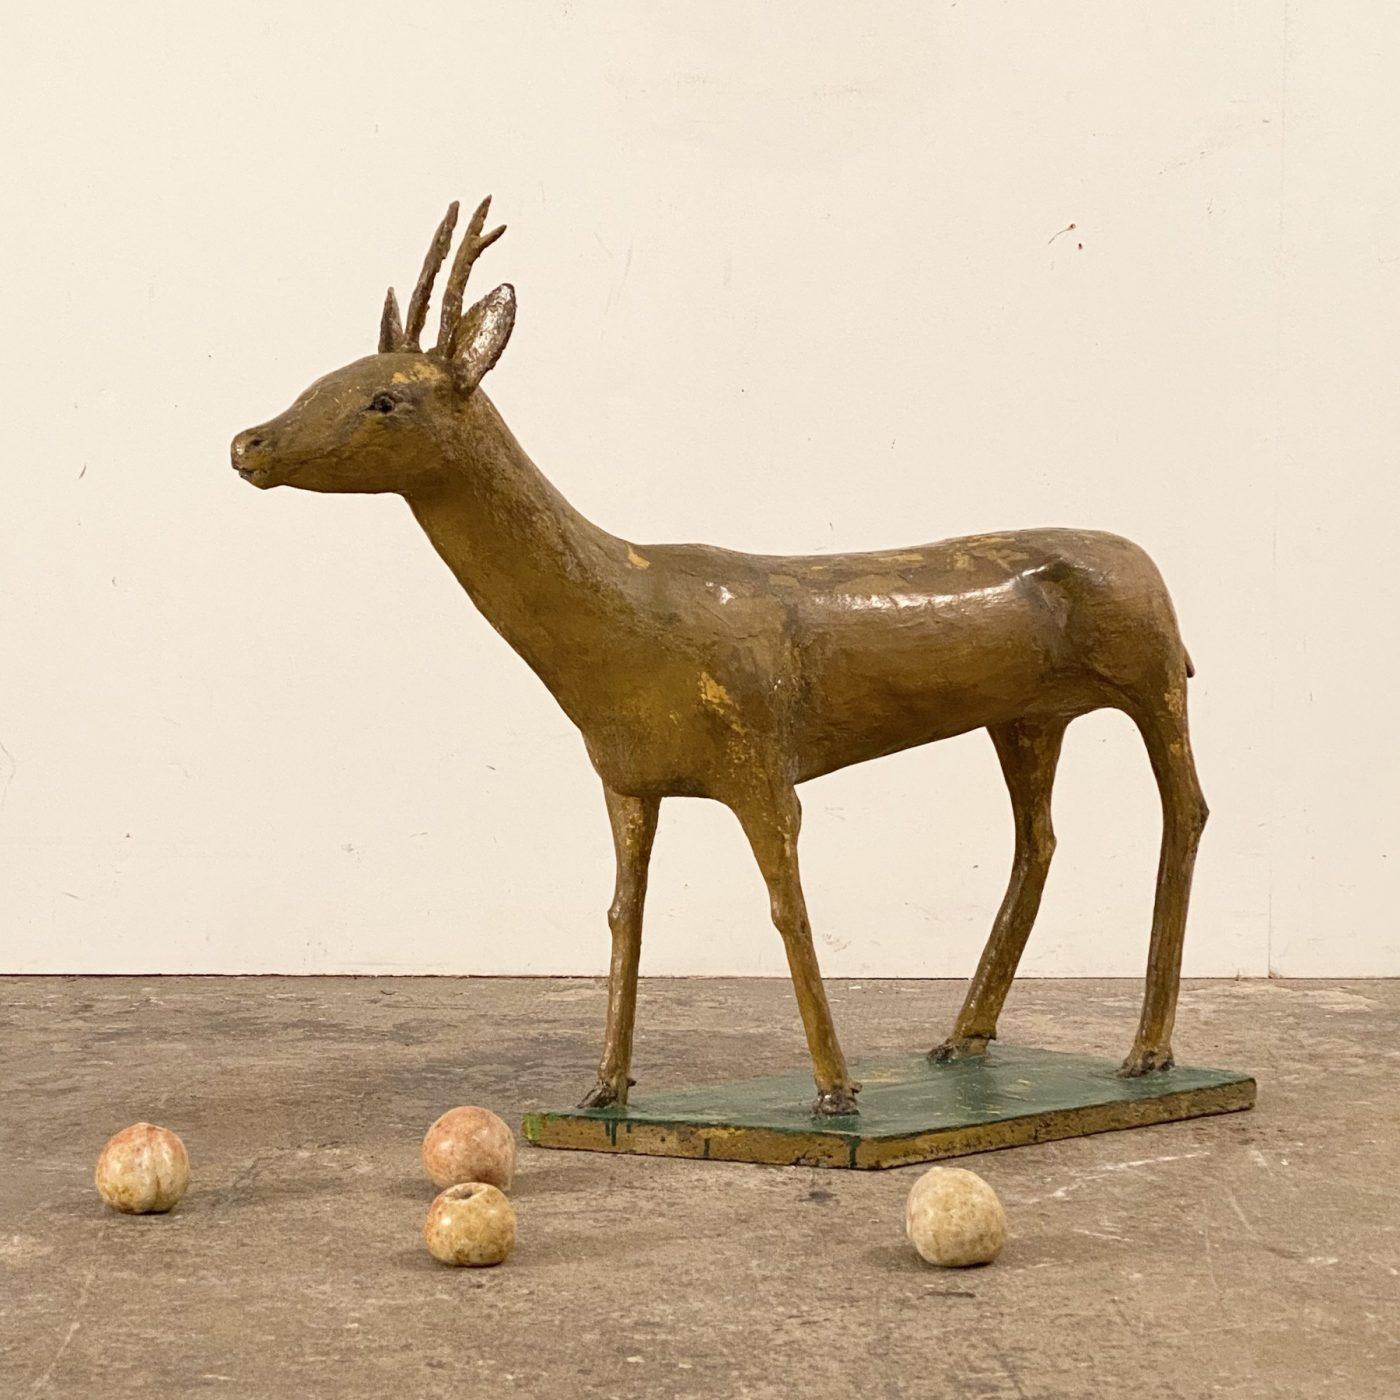 objet-vagabond-concrete-sculpture0006